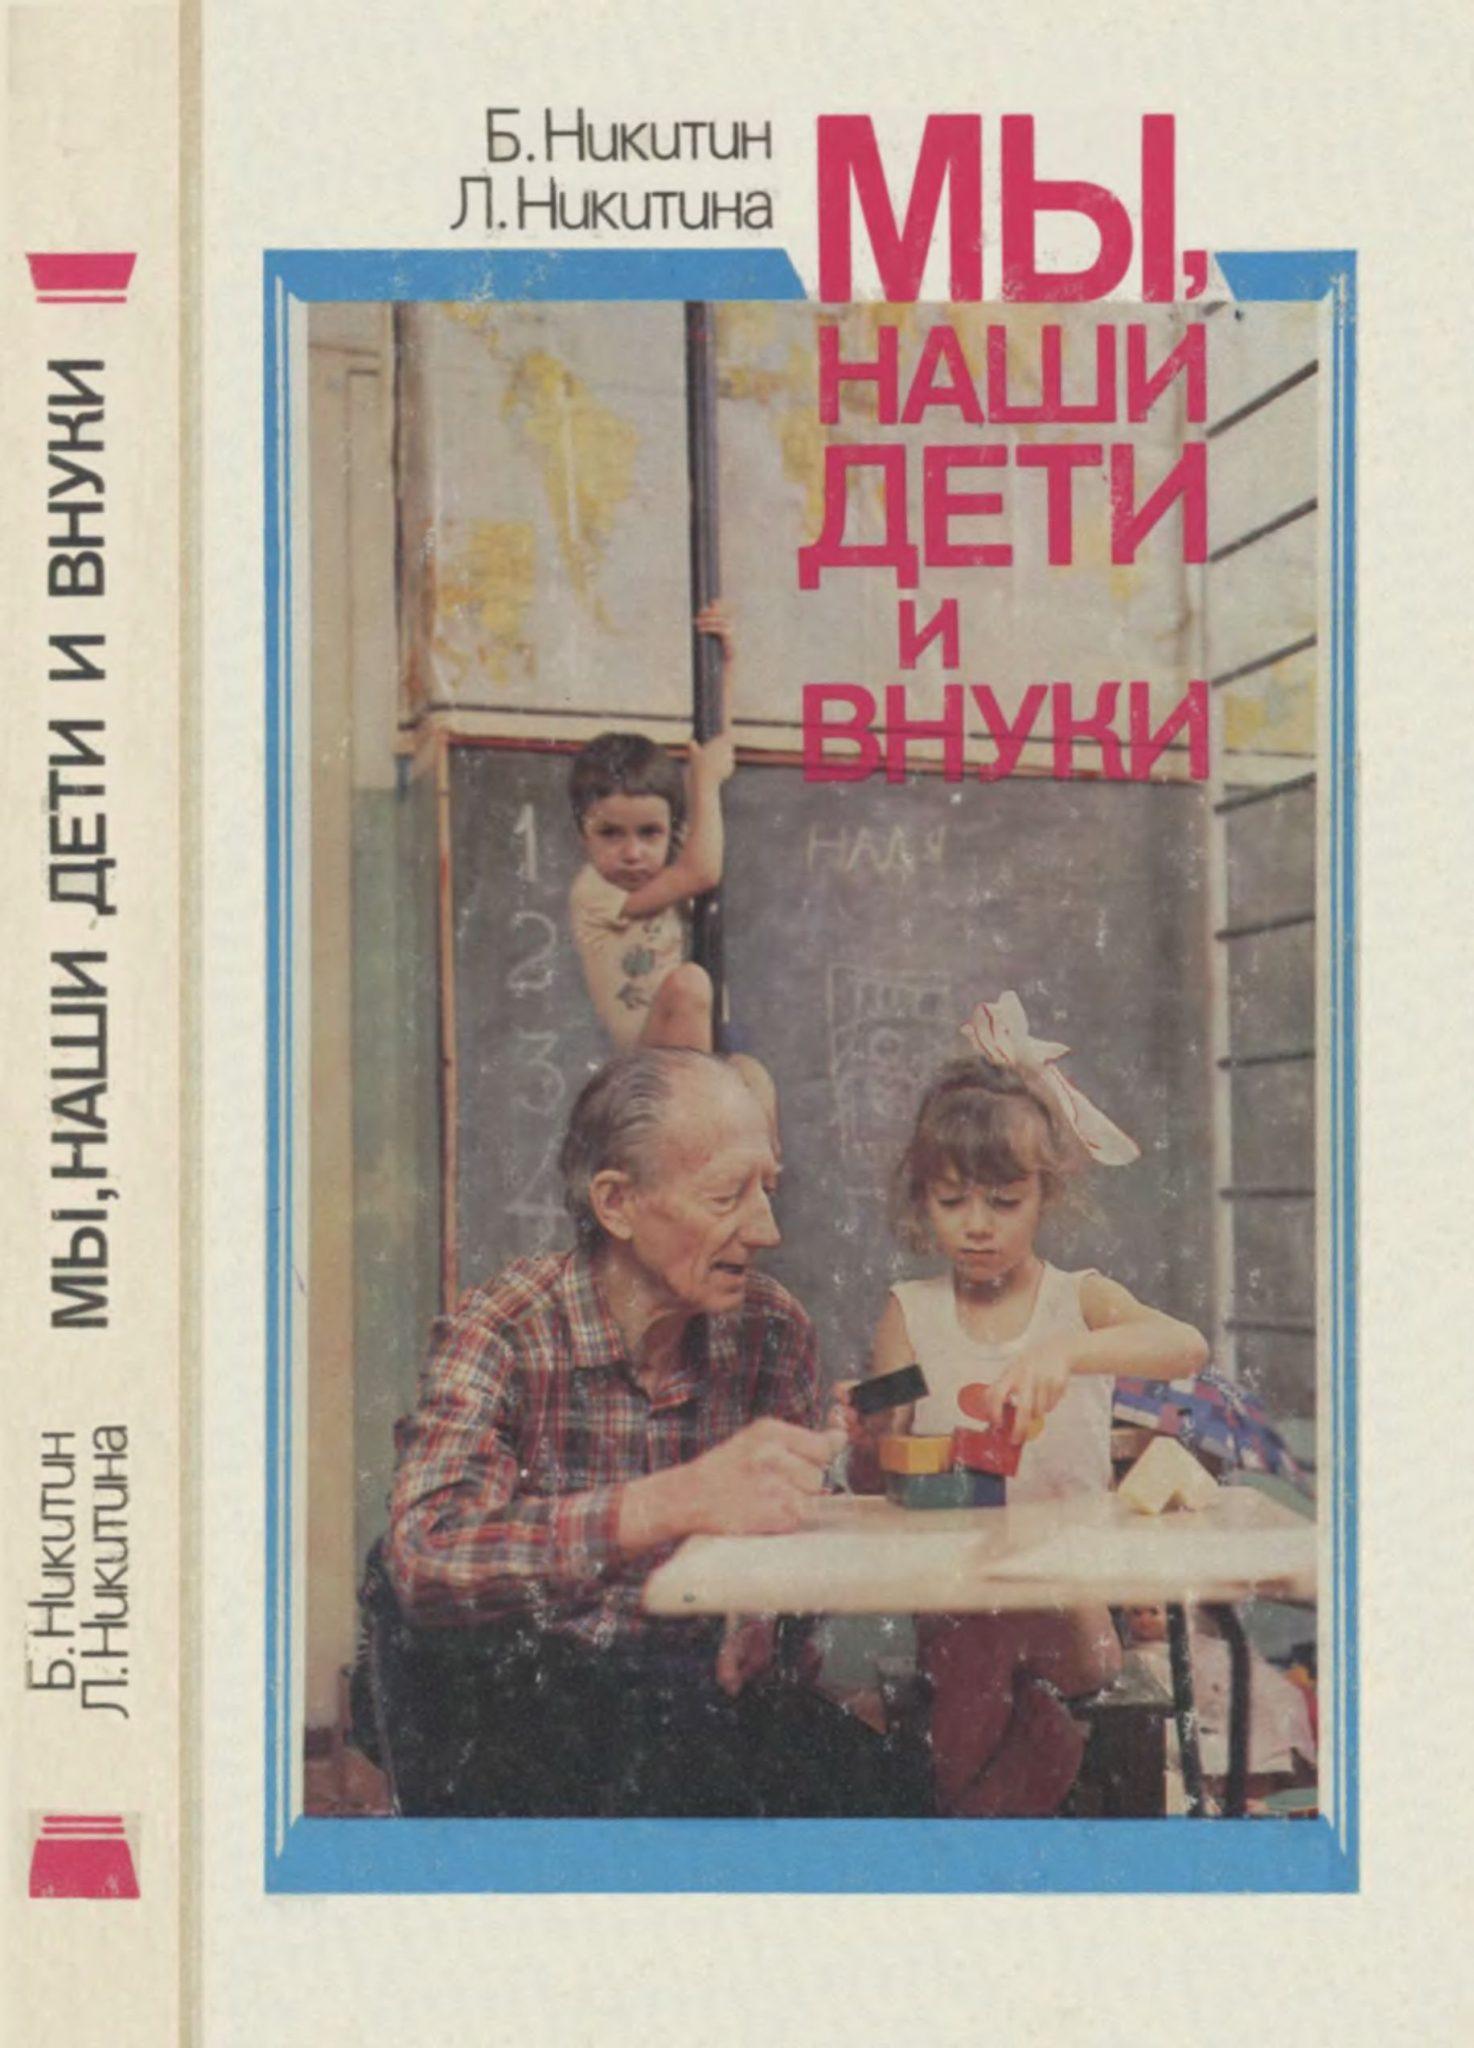 Мы, наши дети и внуки. Никитин Б. и Никитина Е.